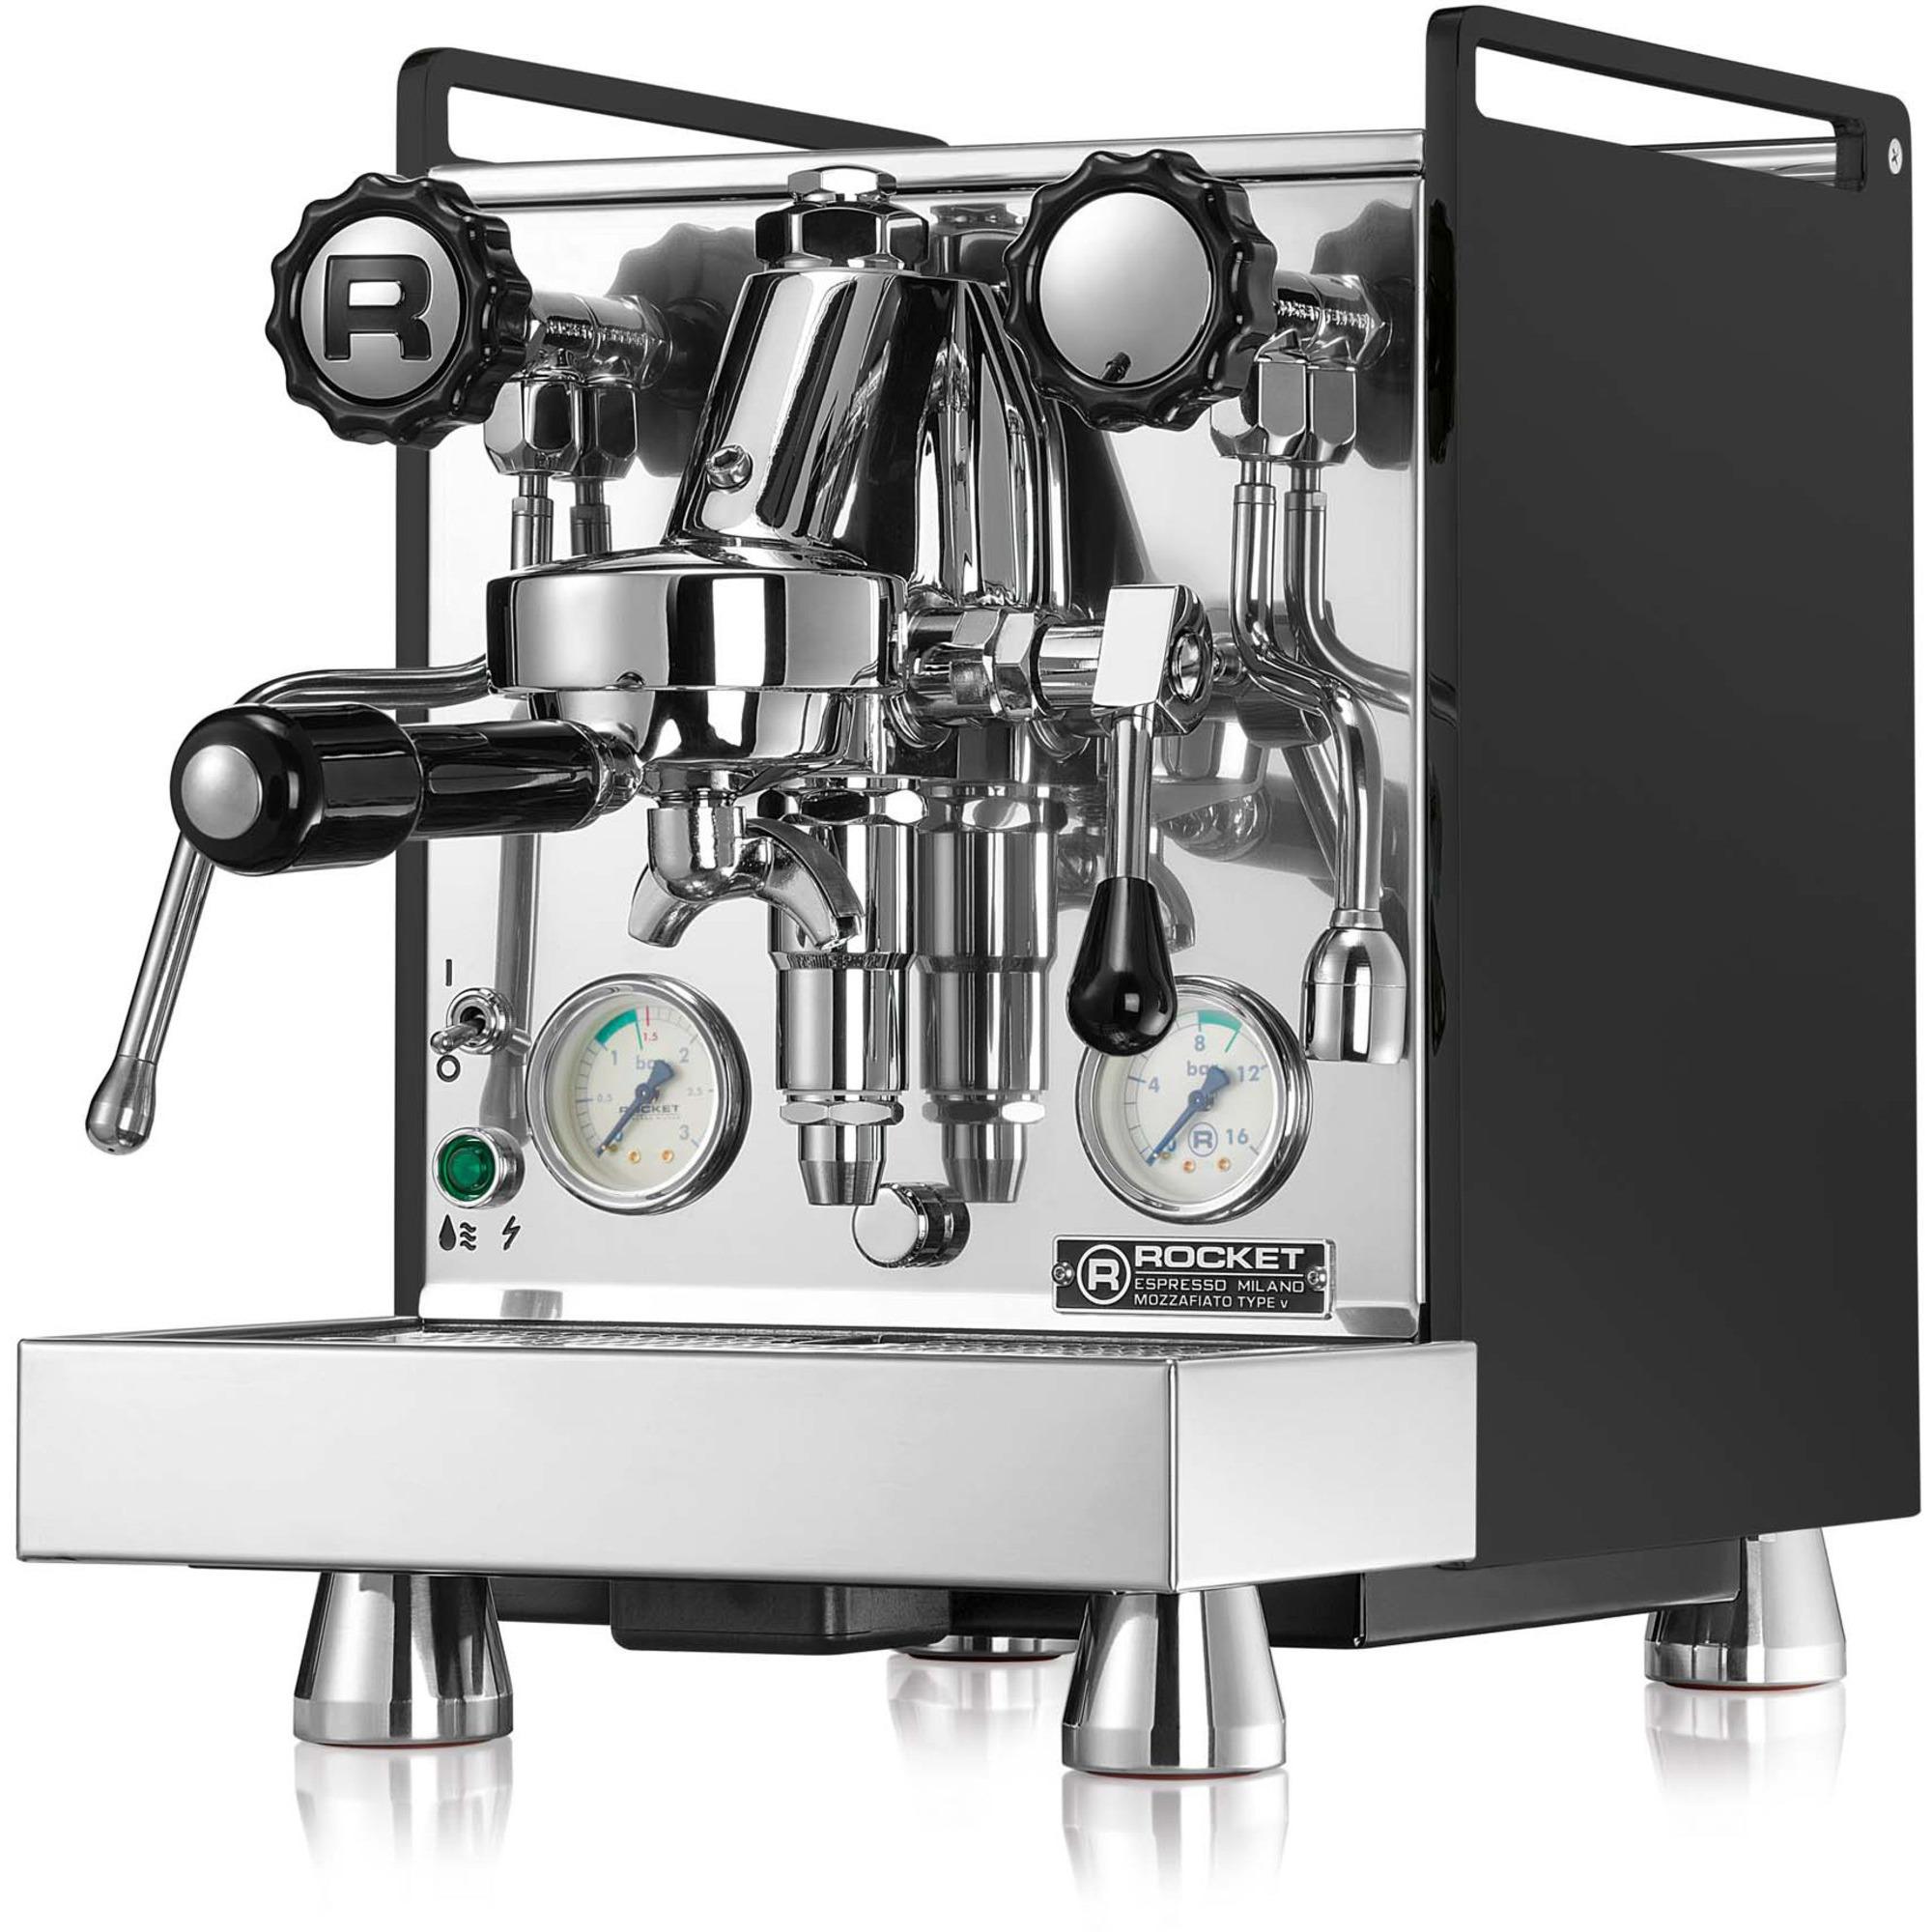 Rocket Mozzafiato Espressomaskin Type V Svart